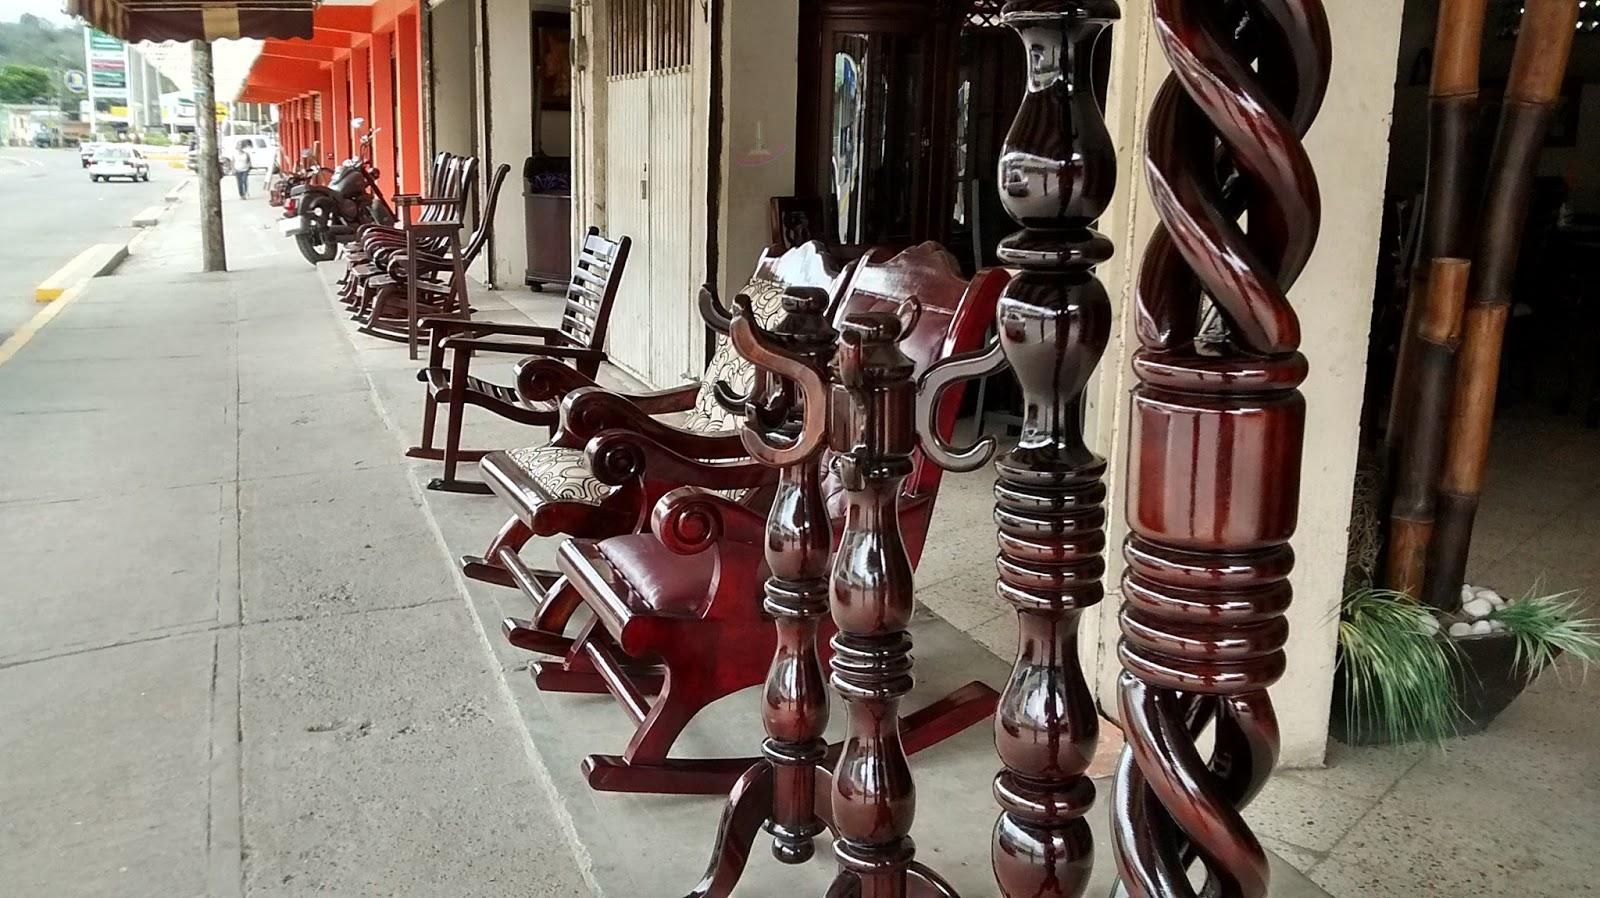 Tihuatlan Veracruz Tihuatlan TIHUATLÁN, EL ARTE TRADUCIDO EN